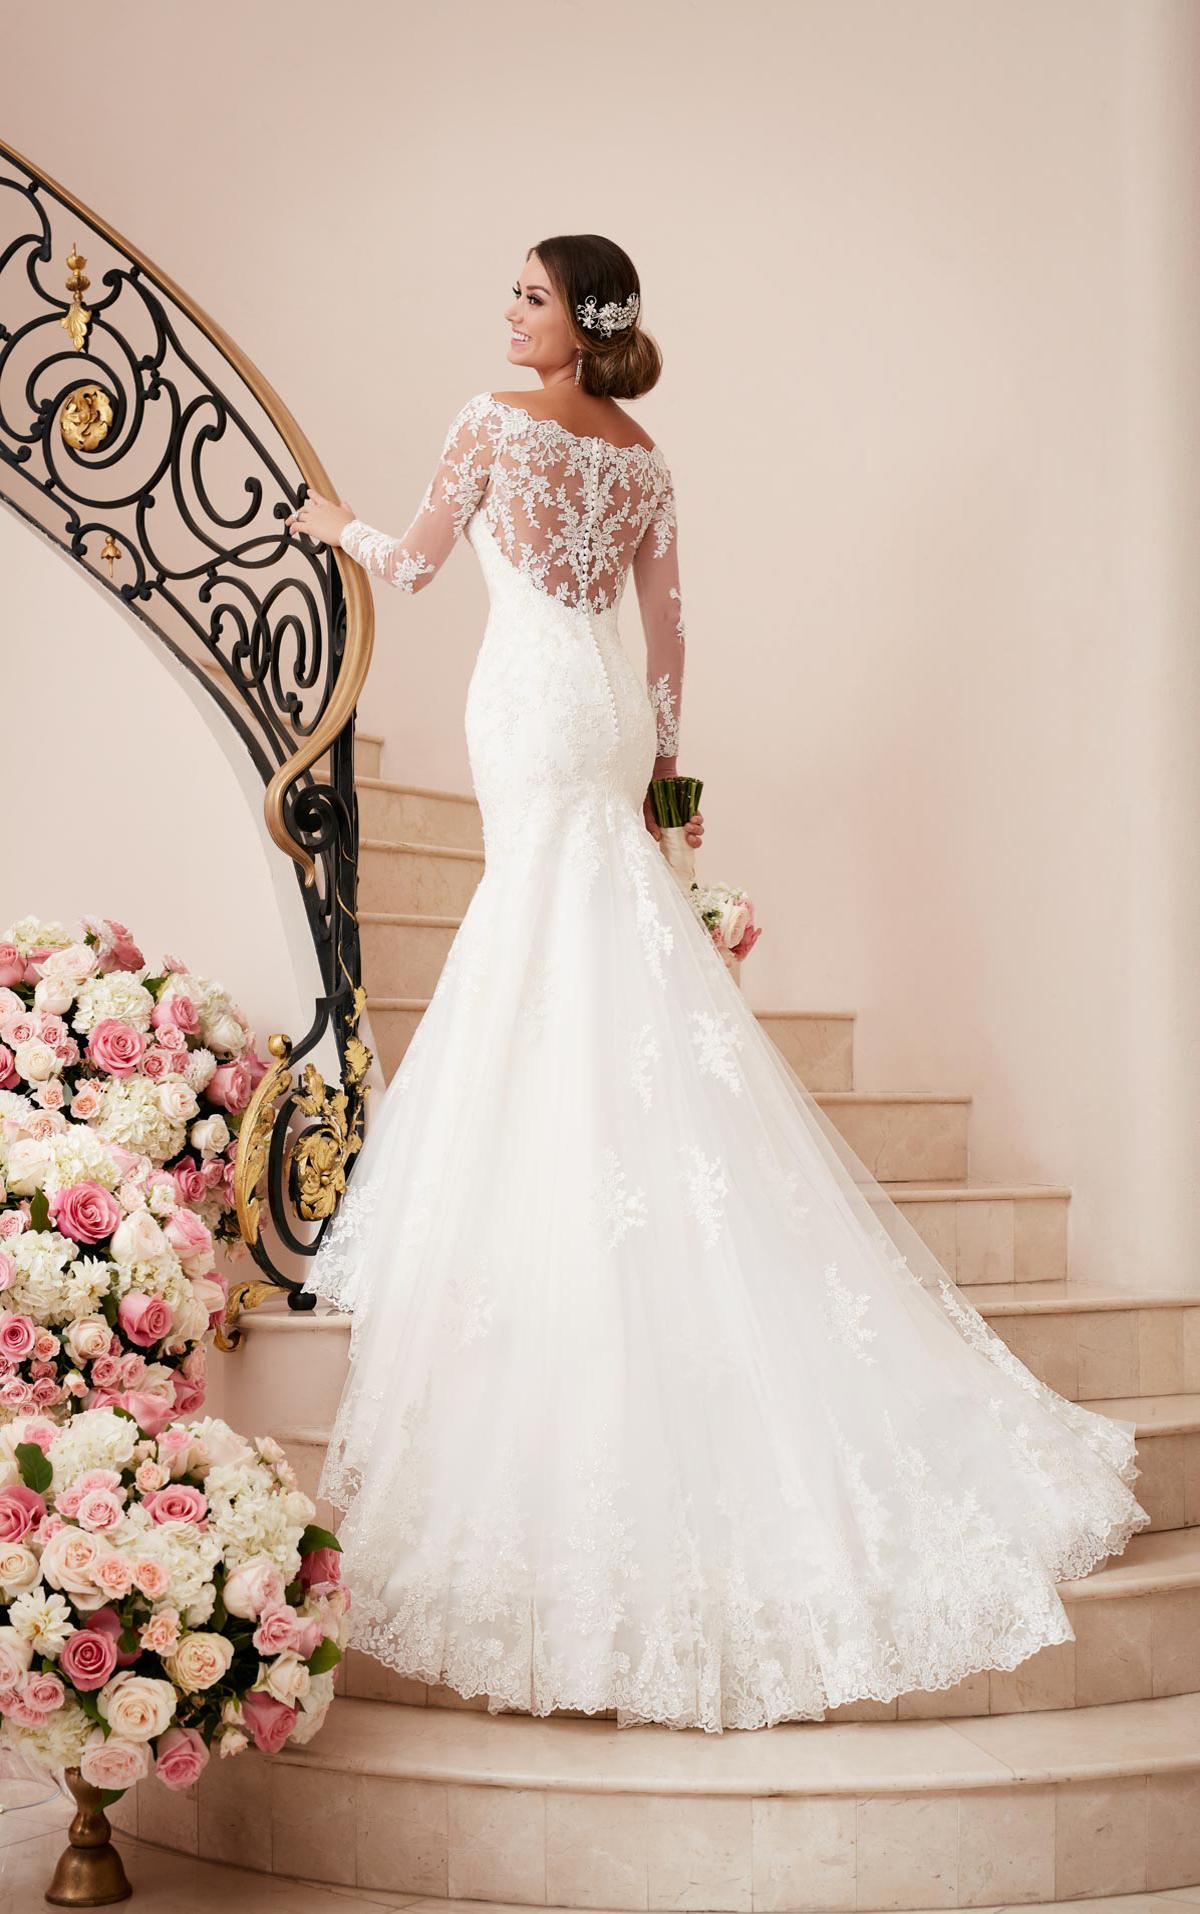 Essence Designs1 - Vestidos de noiva românticos: Inspirações